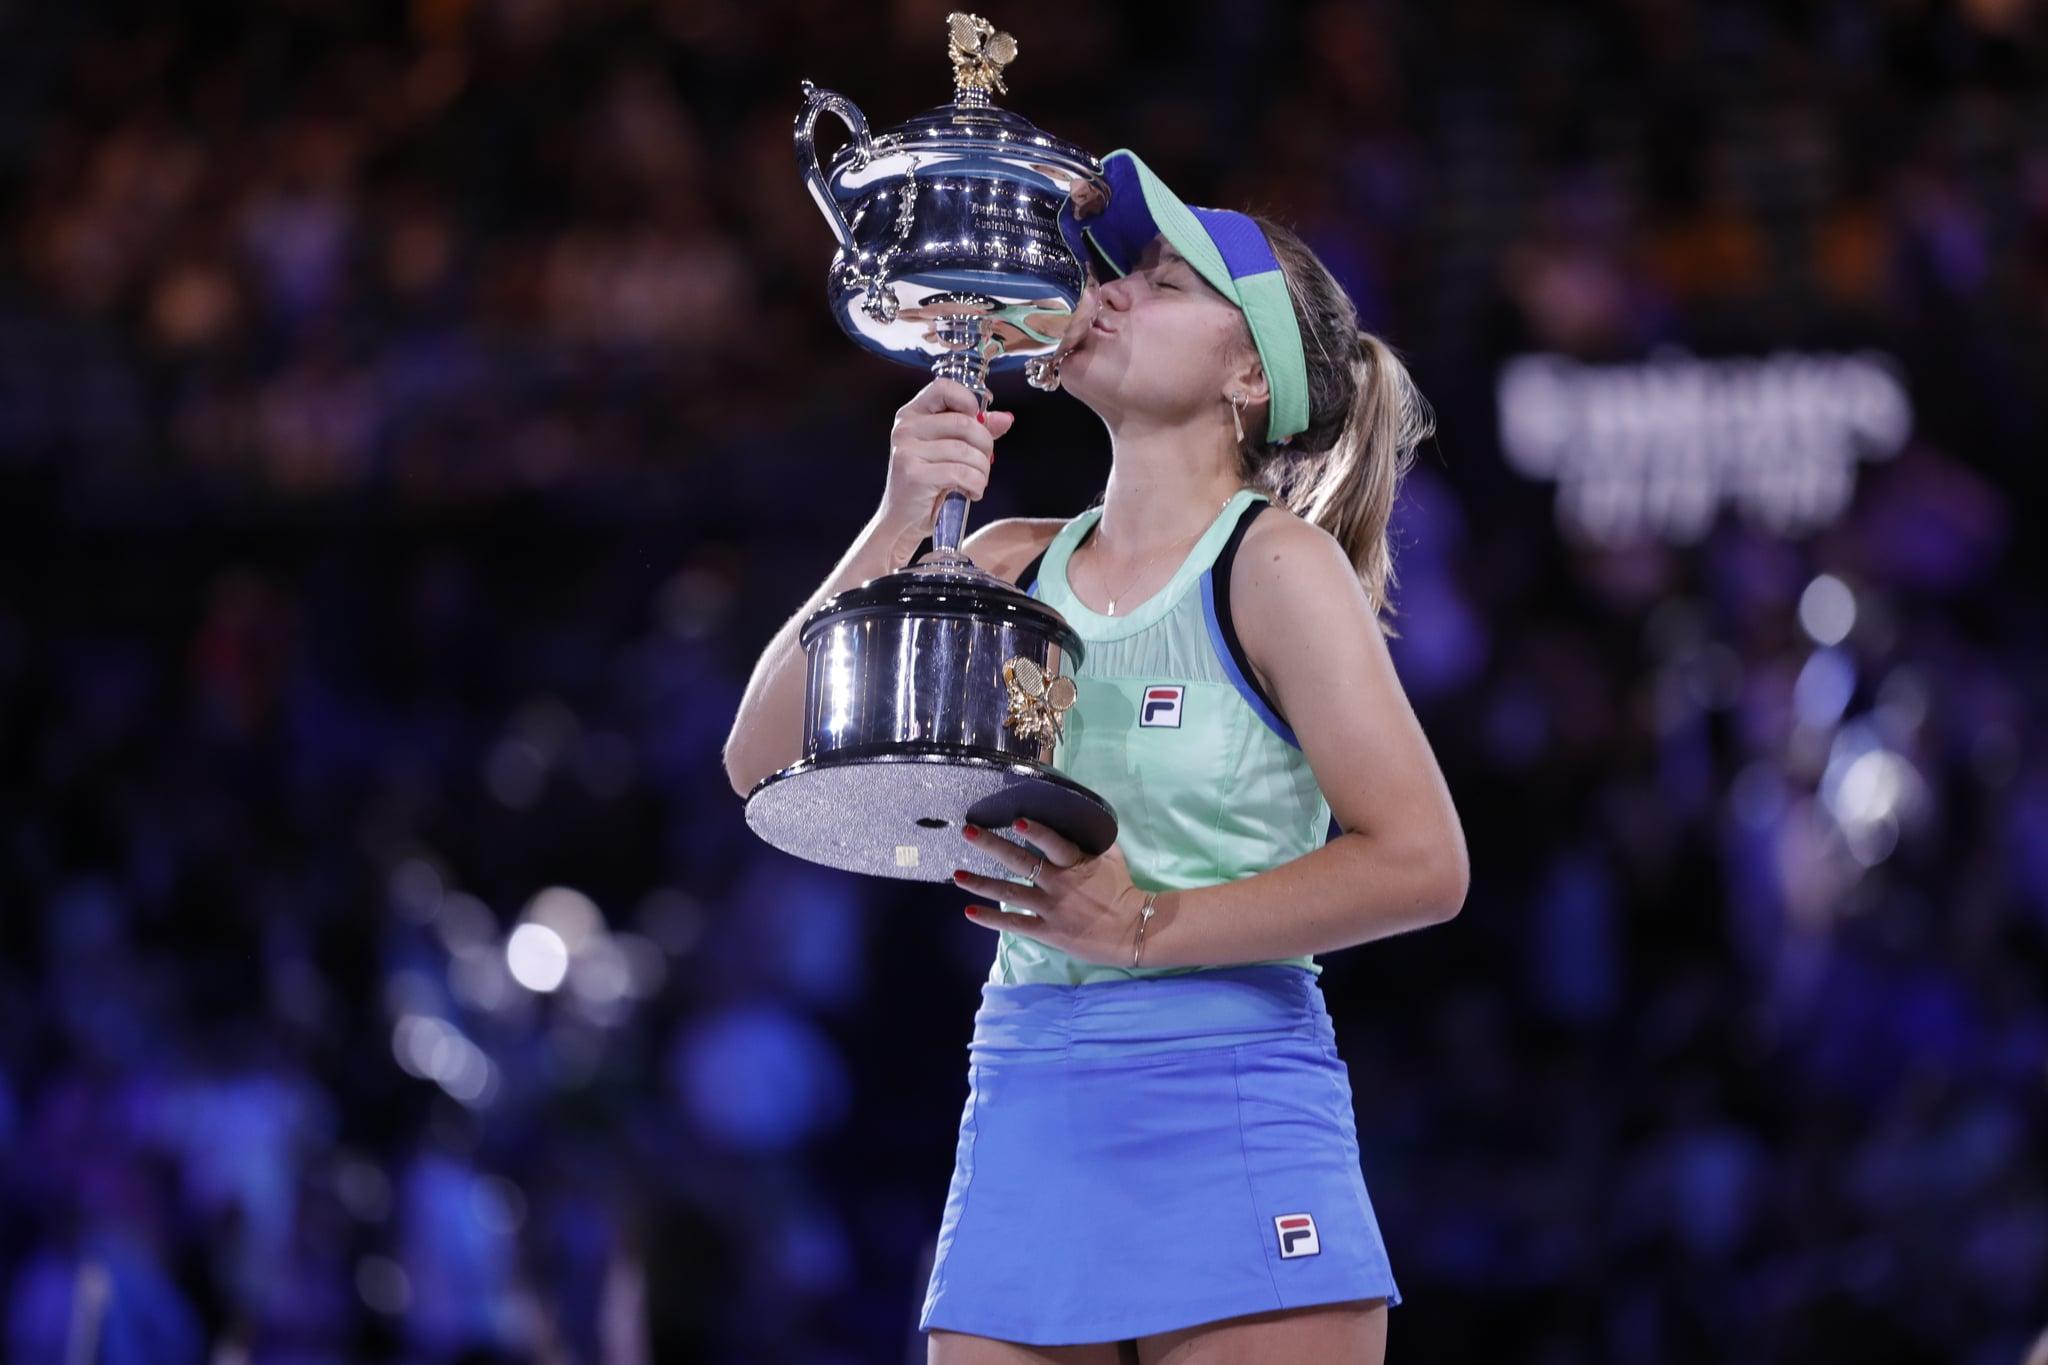 Sofia Kenin wins Australian Open 2020